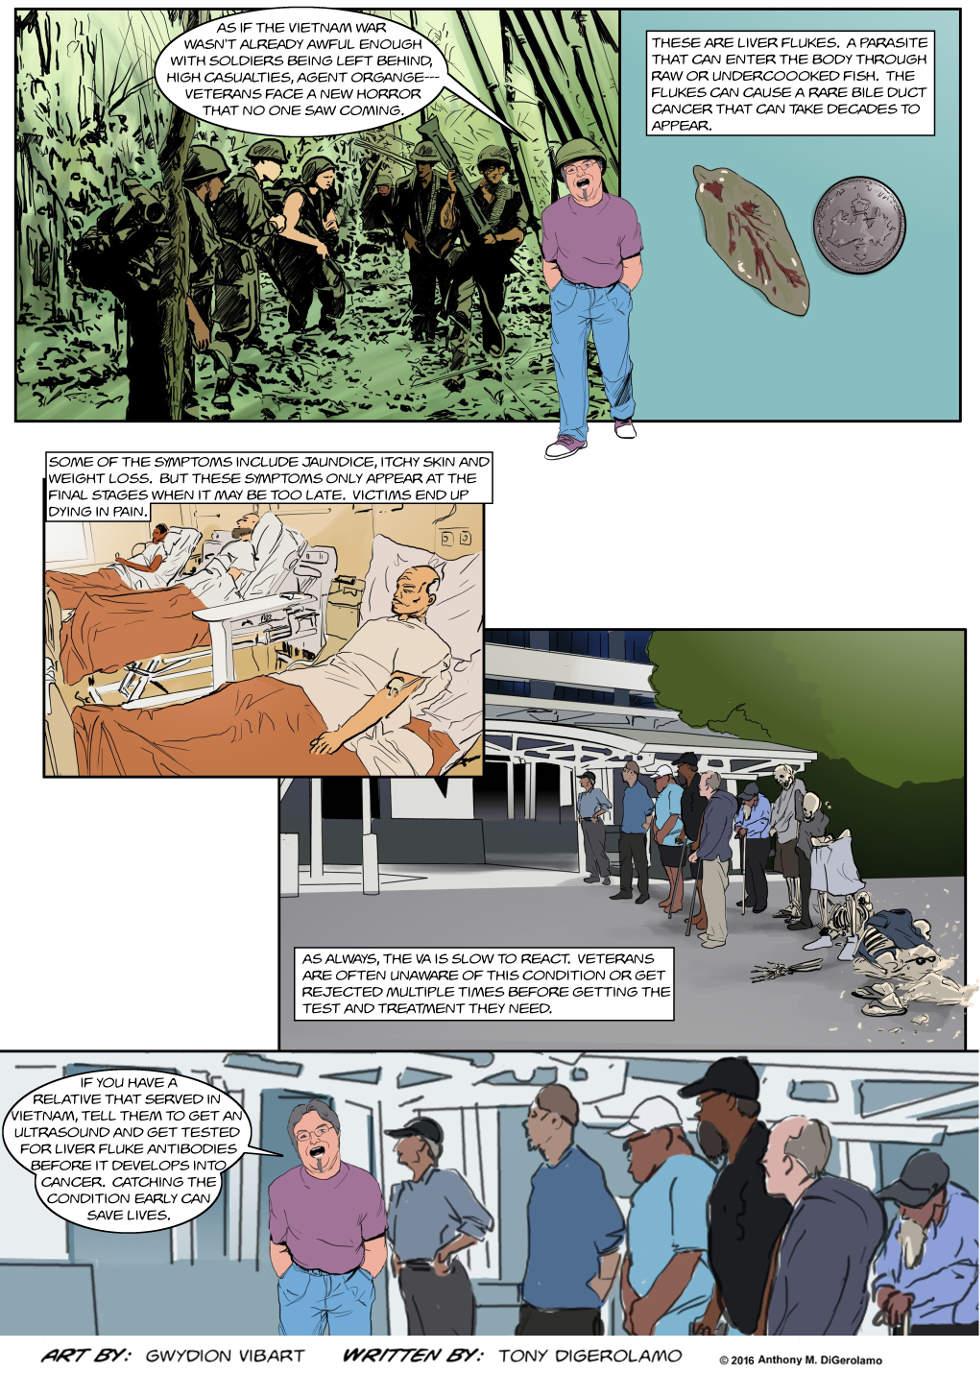 The Antiwar Comic:  The Vietnam Fluke